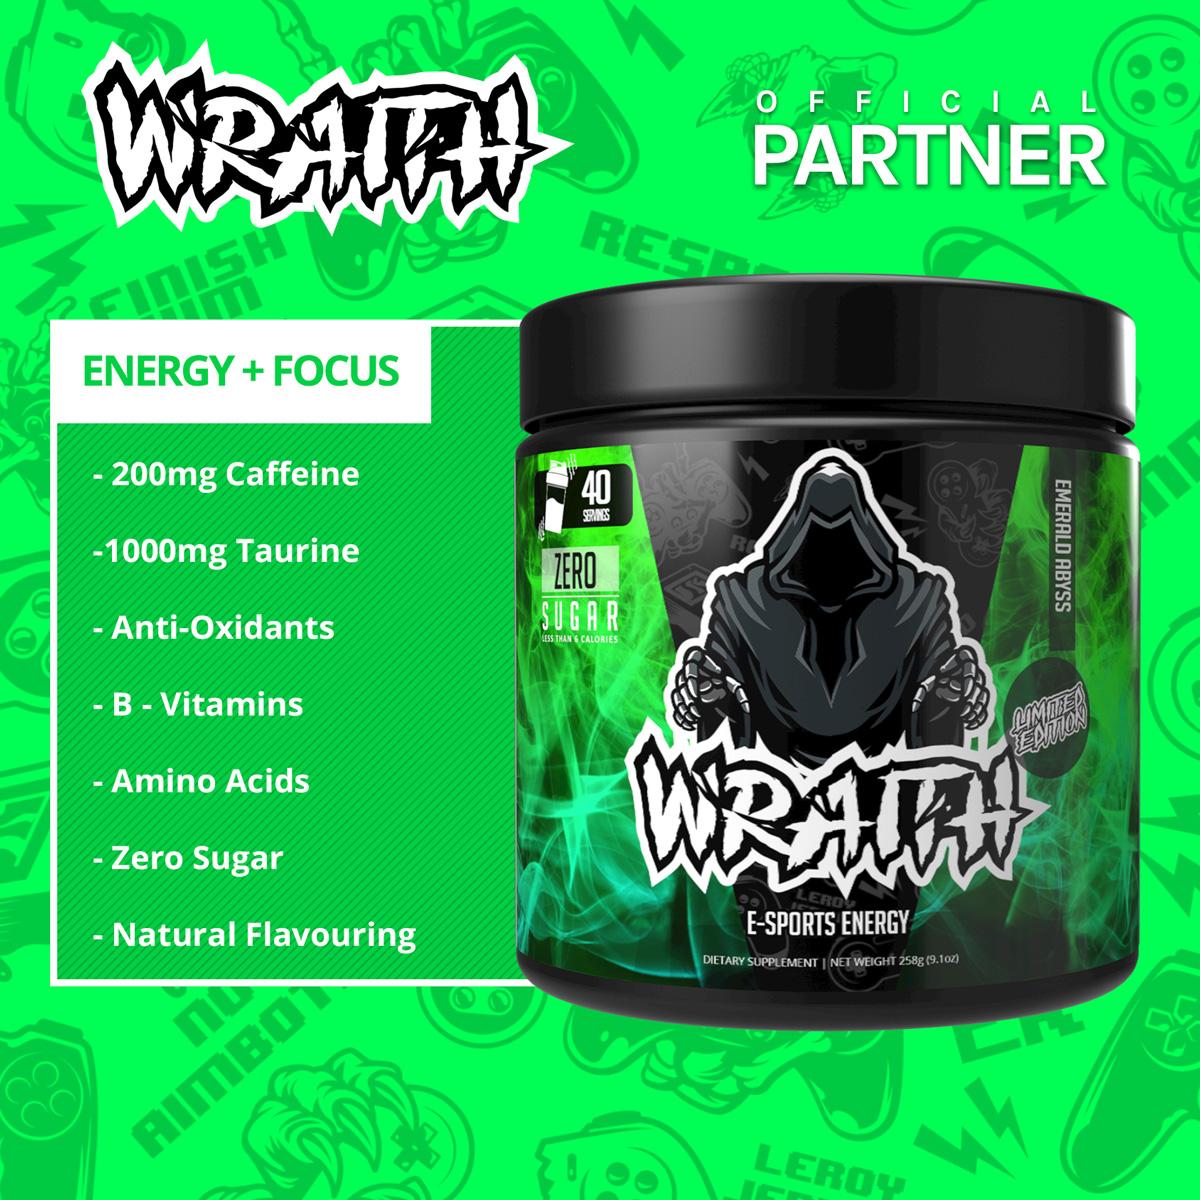 Wraith Energy02